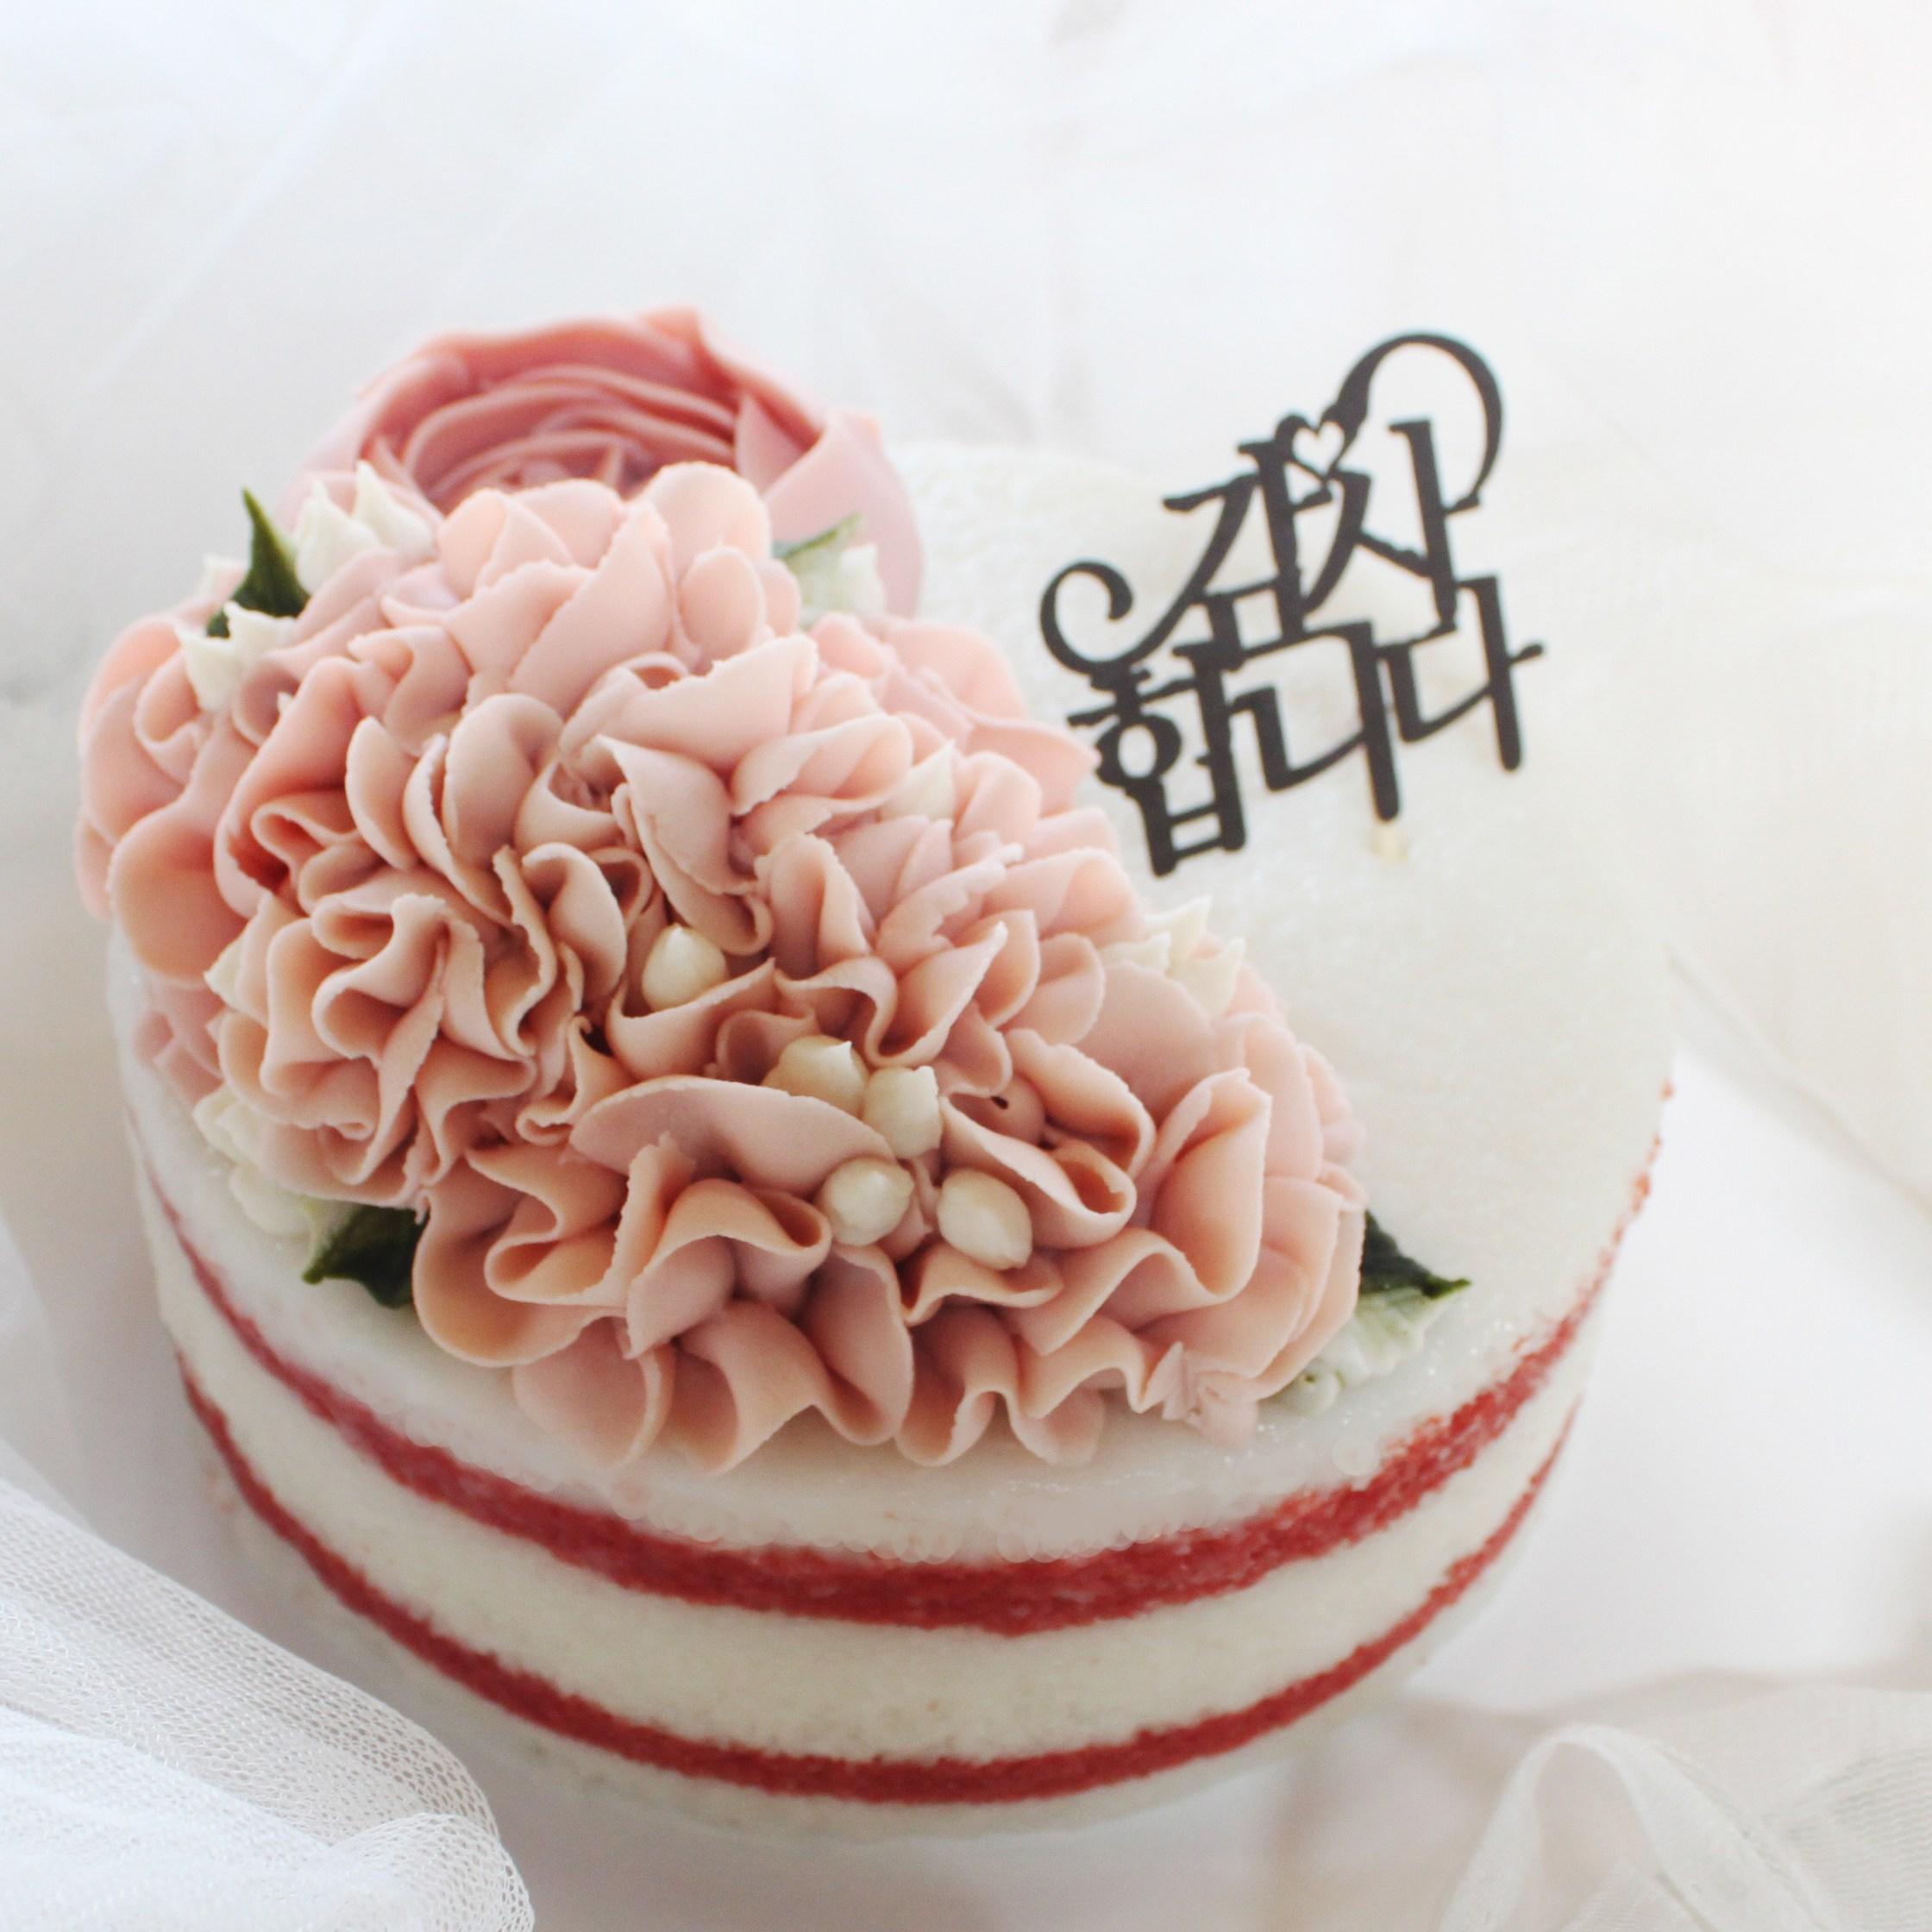 (주)예맛떡 [사랑하는이에게] 러브레터1호 앙금플라워 떡케이크 (아이스&전국배송), 1kg, 1개